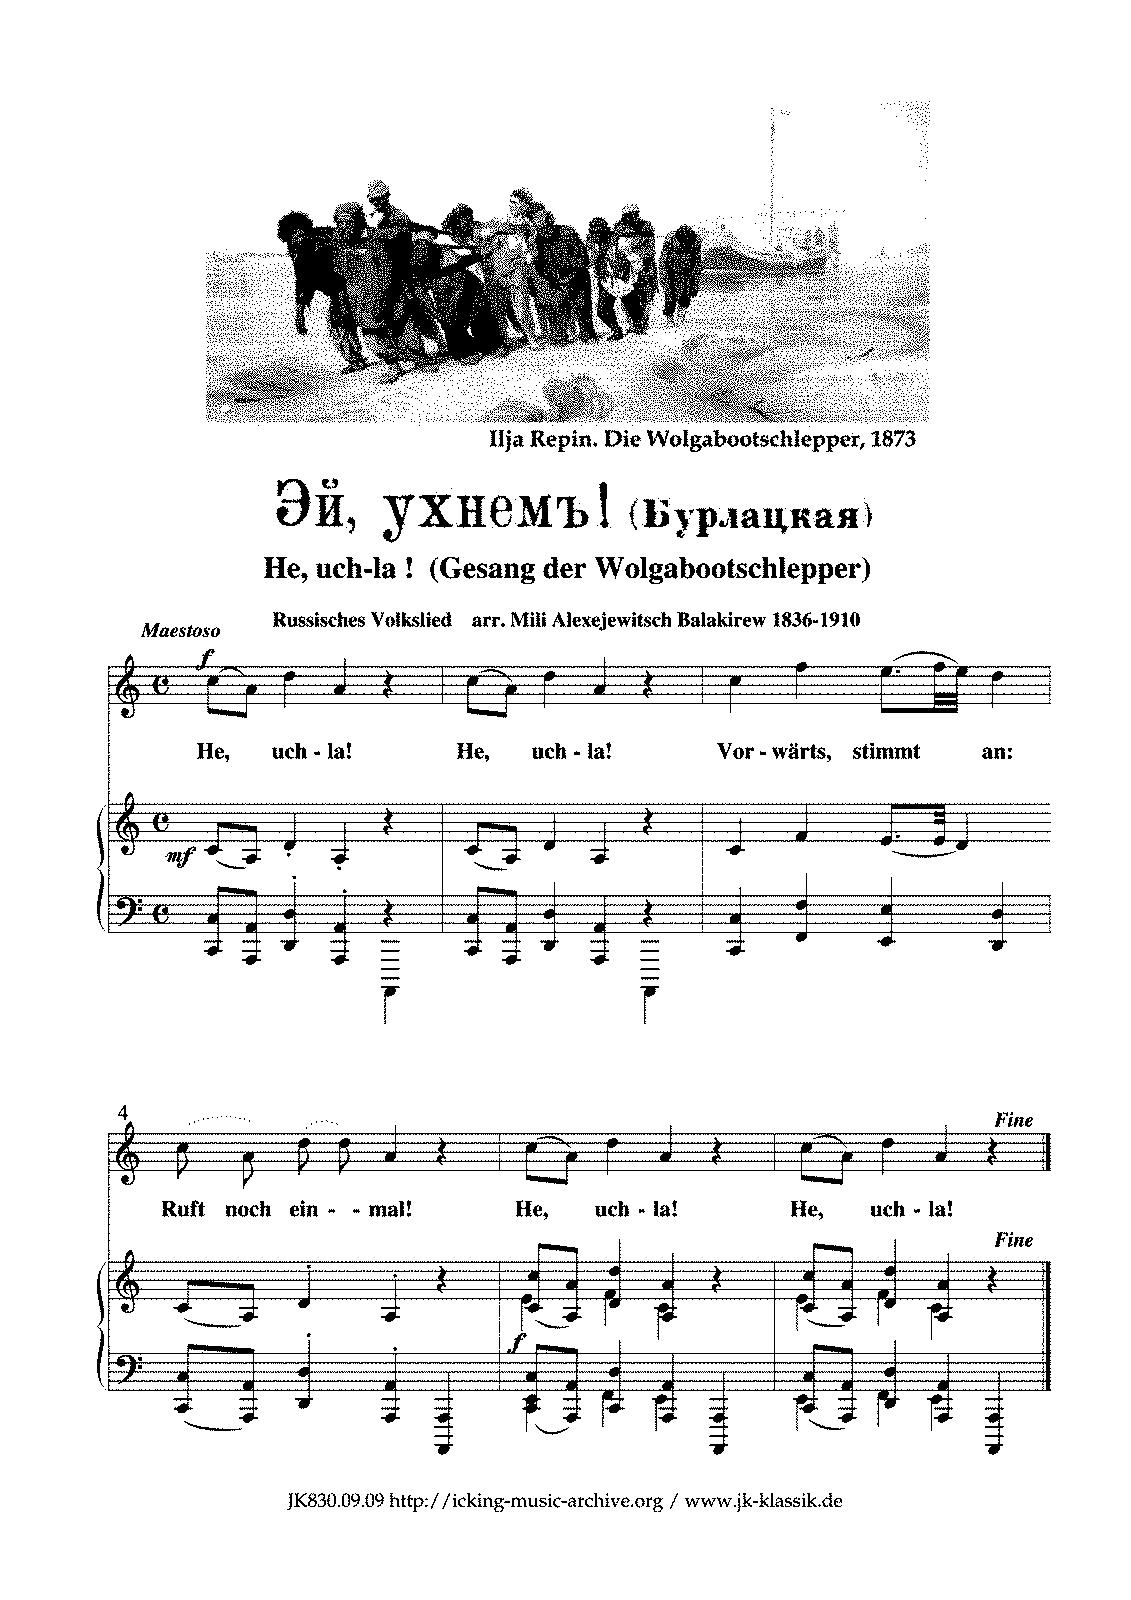 kalinka text noten